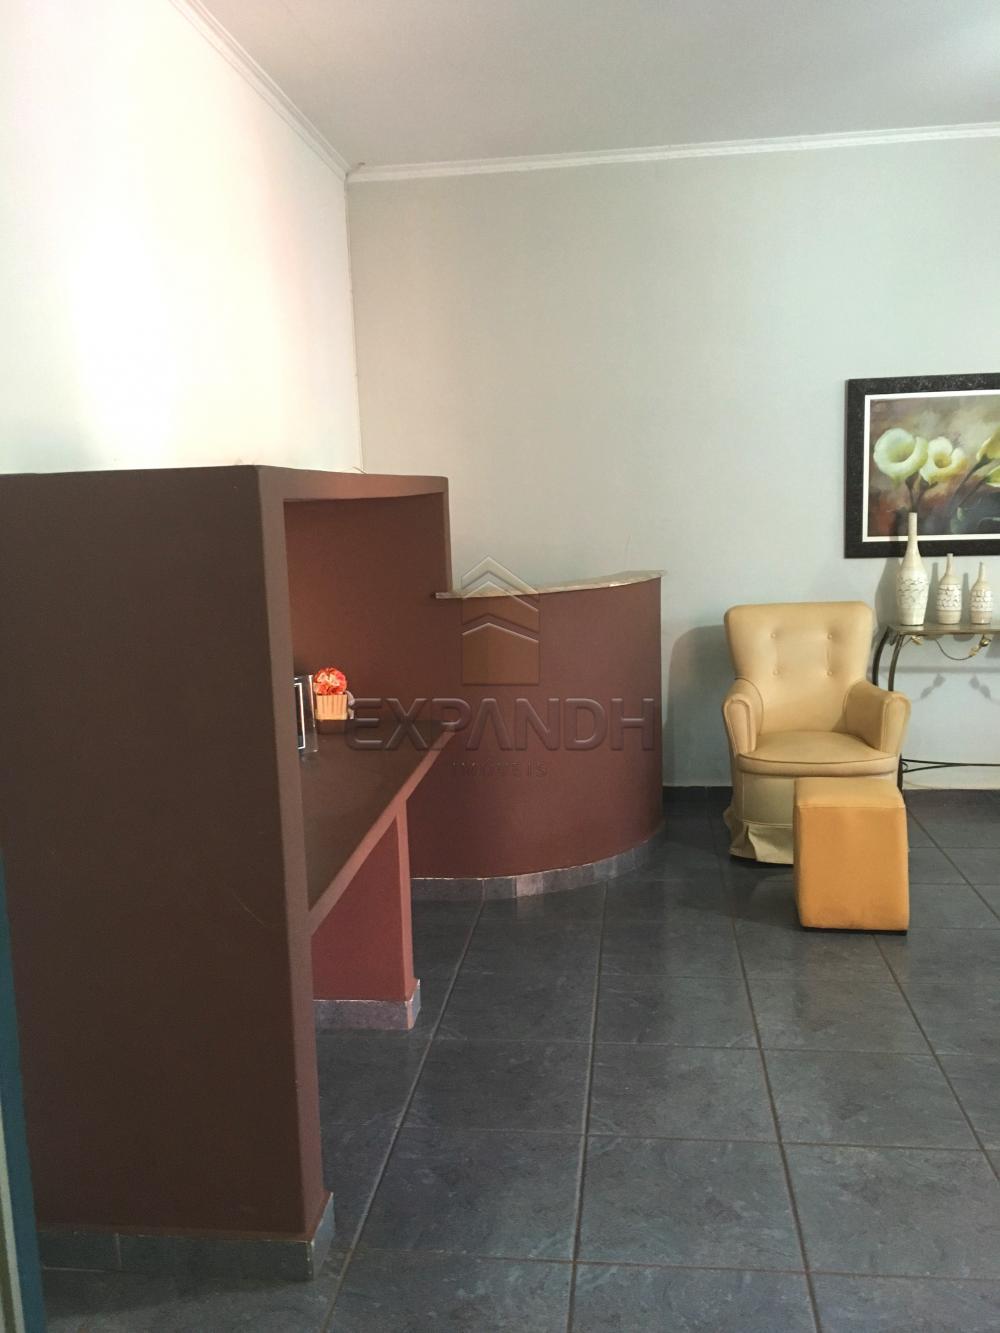 Comprar Casas / Padrão em Sertãozinho R$ 410.000,00 - Foto 3